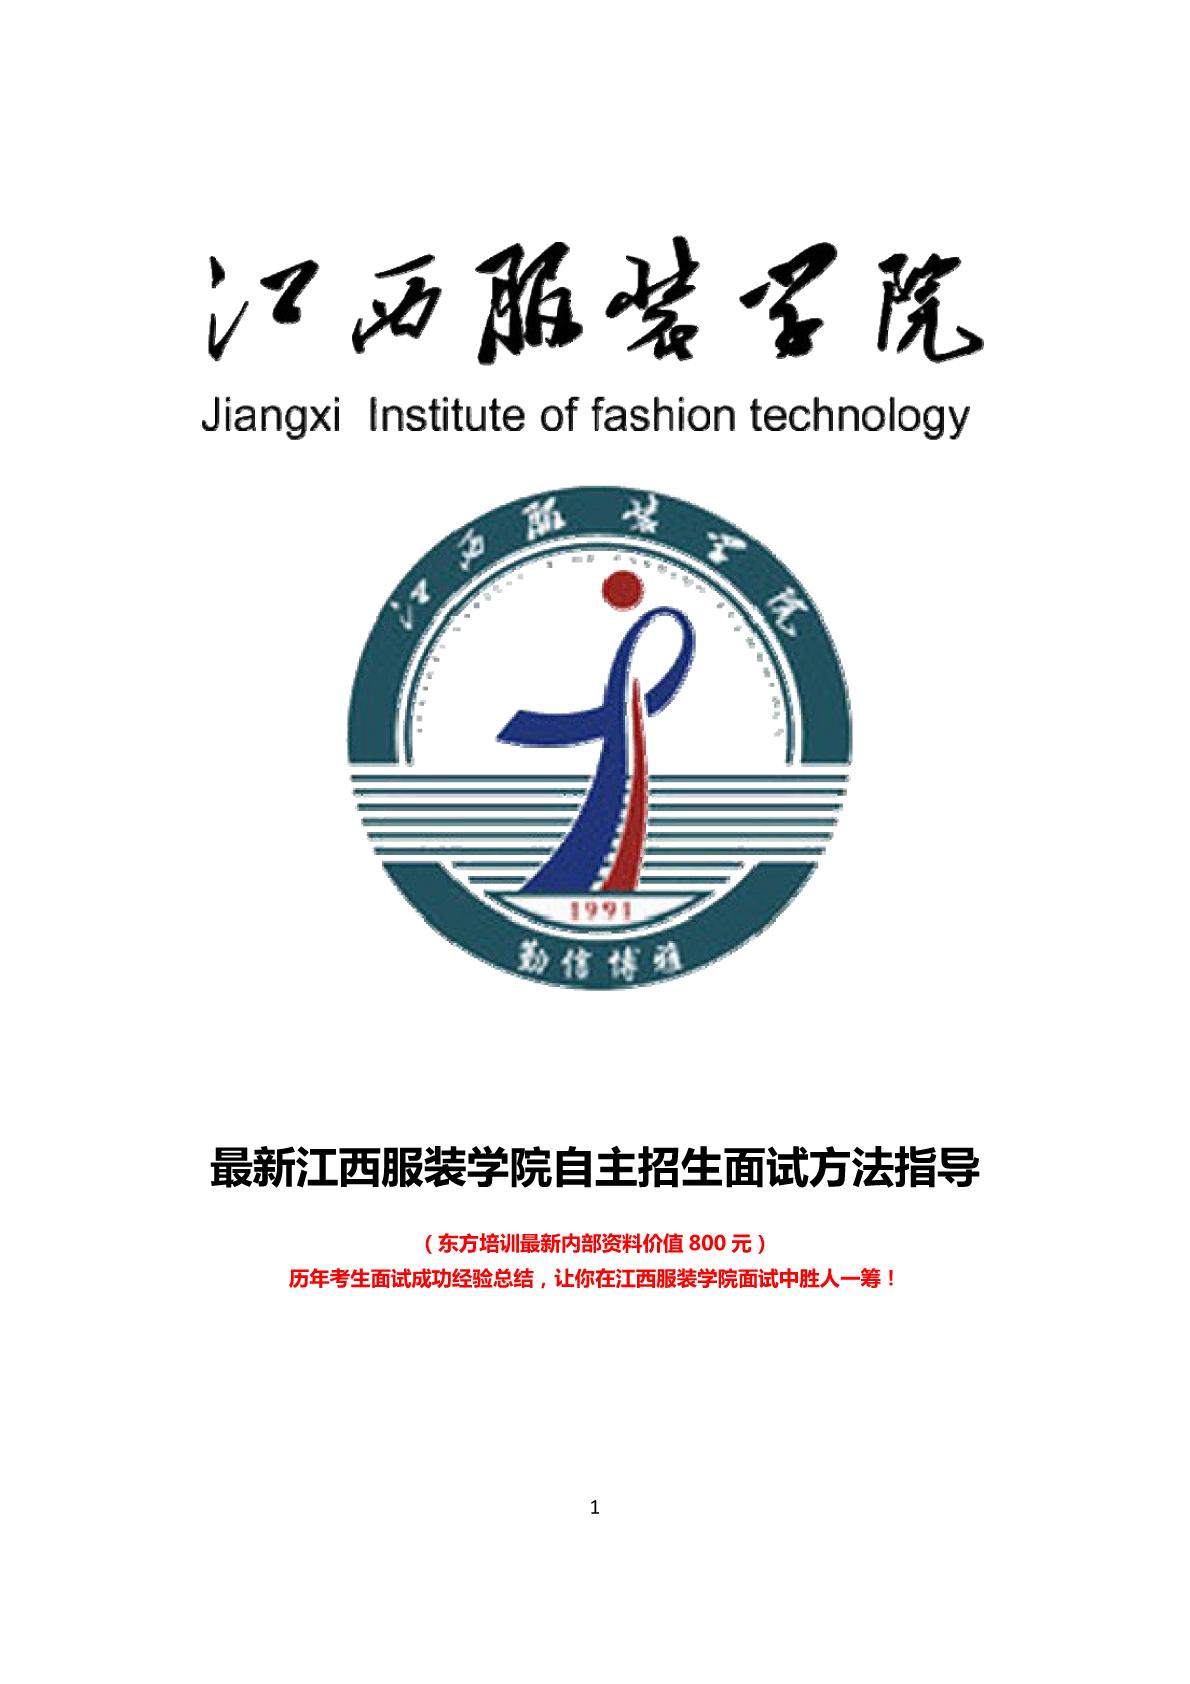 最新版江西服装学院自主招生综合素质测试面试题方法指导答案图片